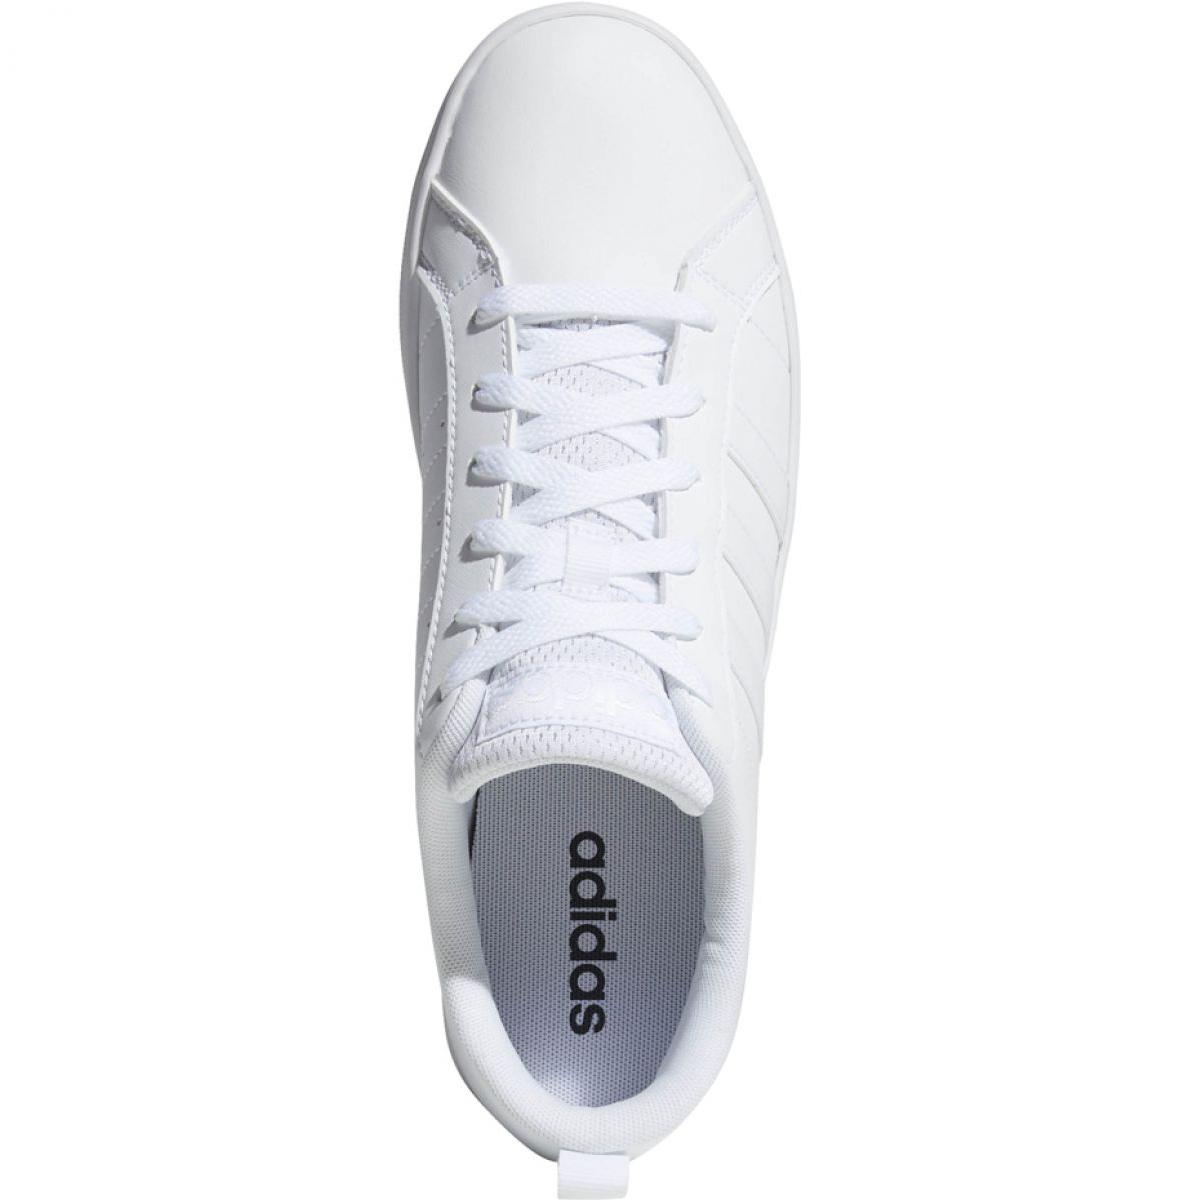 Weiß Adidas Vs Pace M DA9997 Schuhe